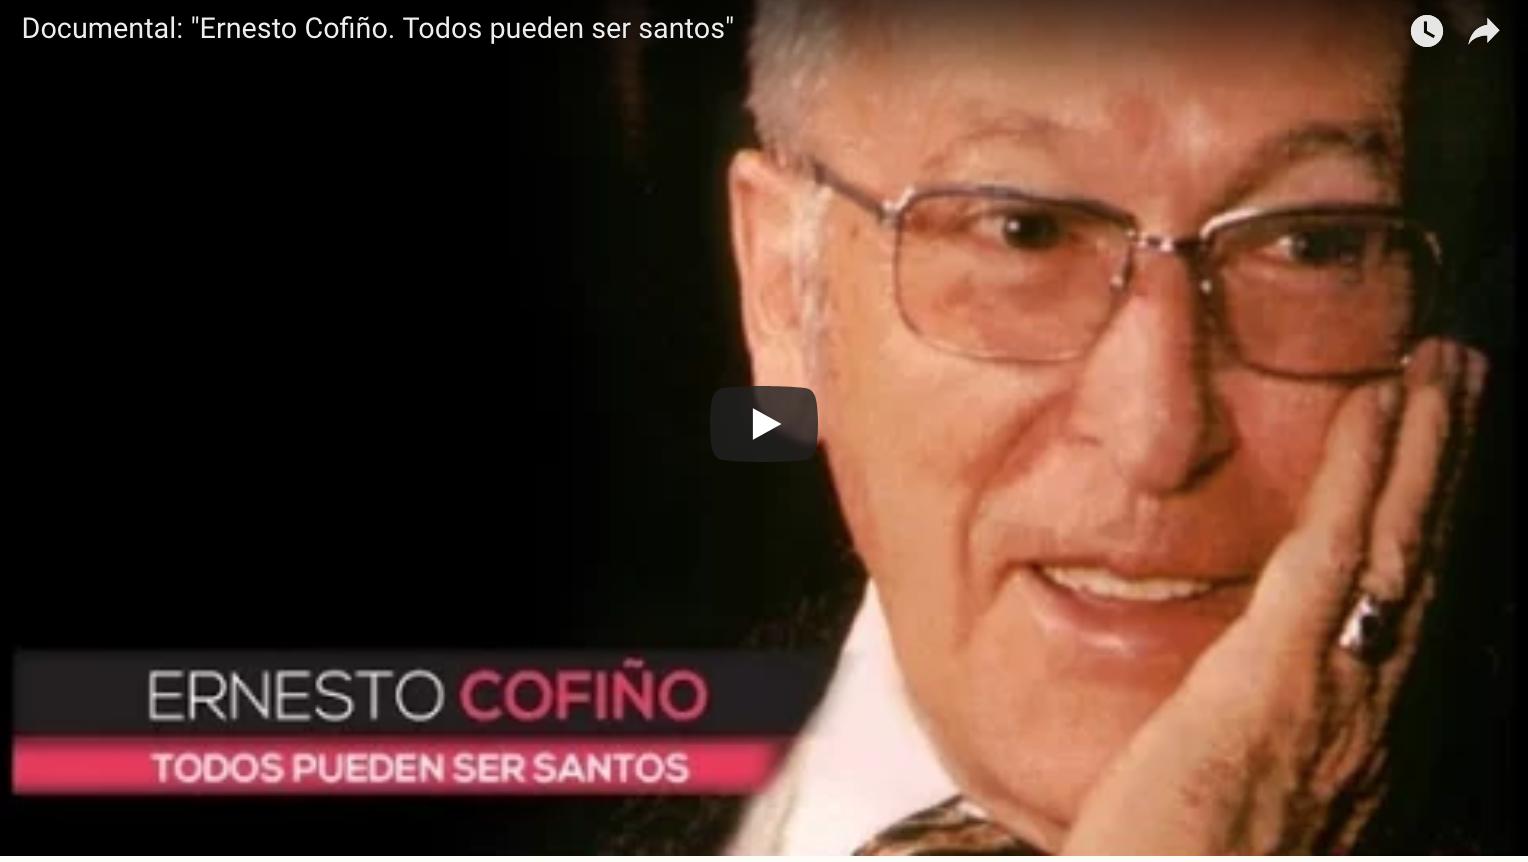 Ernesto Cofiño. Todos pueden ser santos